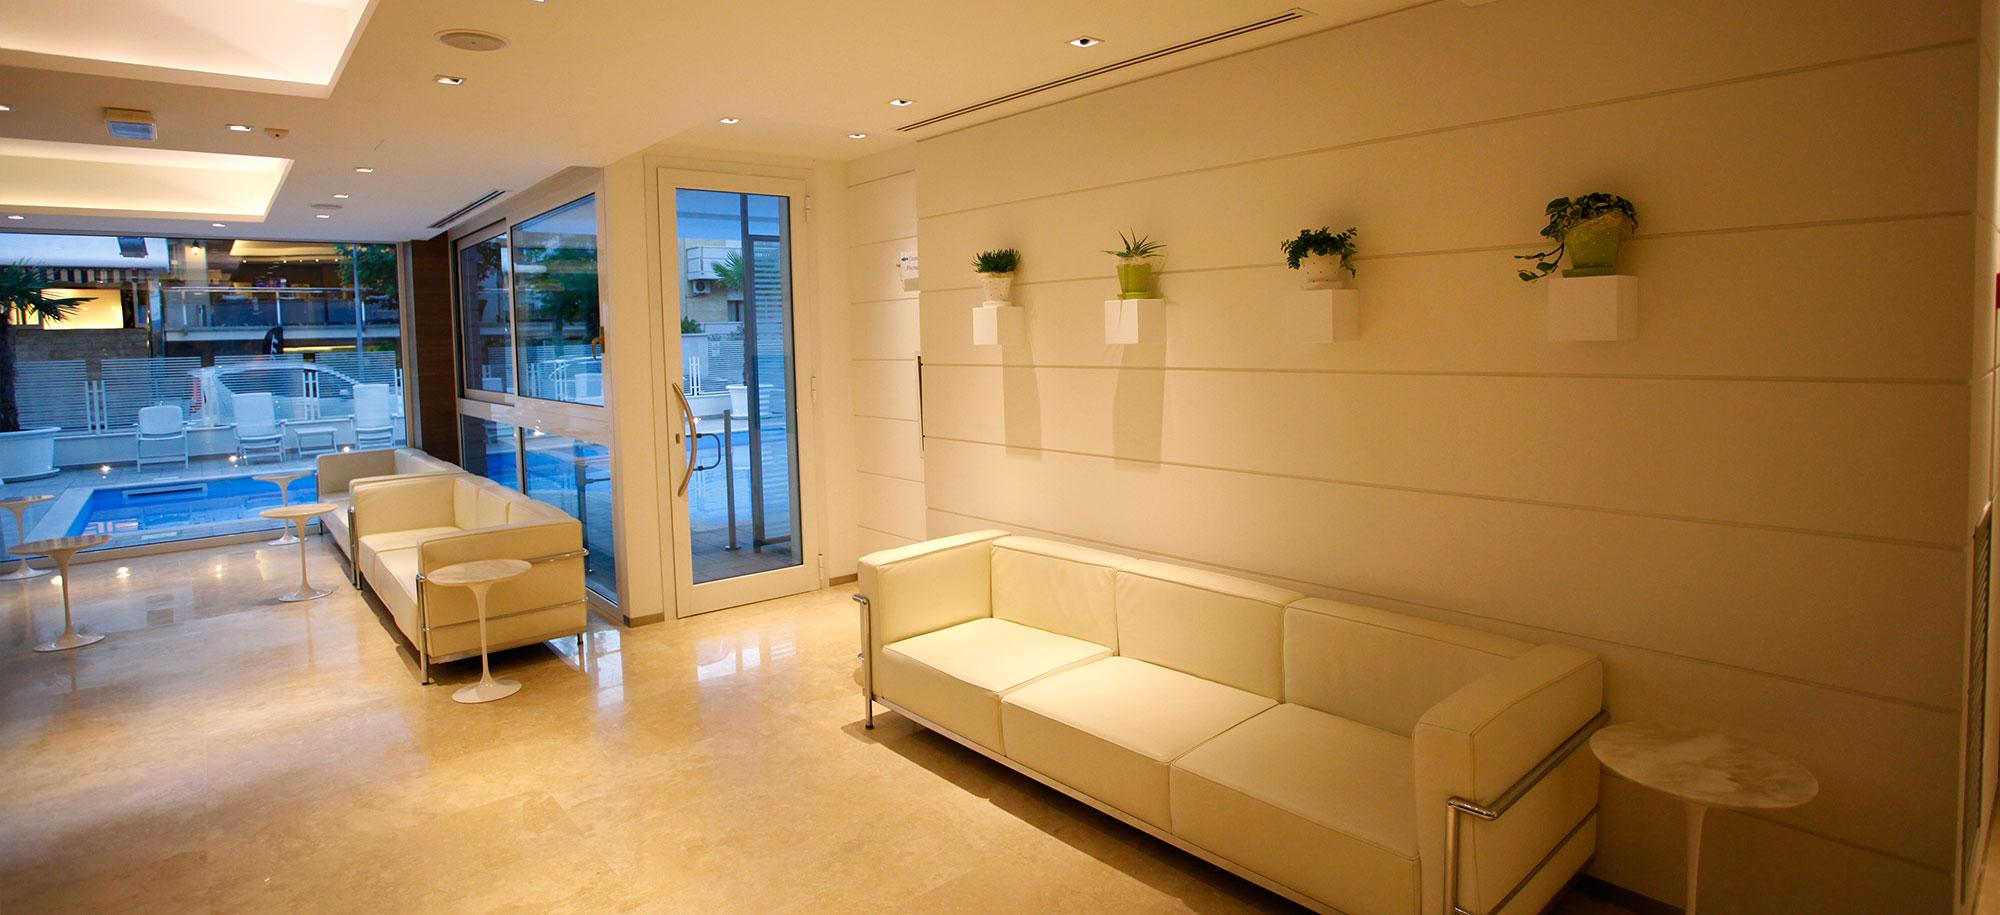 Hotel riccione 3 stelle superior con piscina hotel fantasy - Hotel con piscina a riccione ...